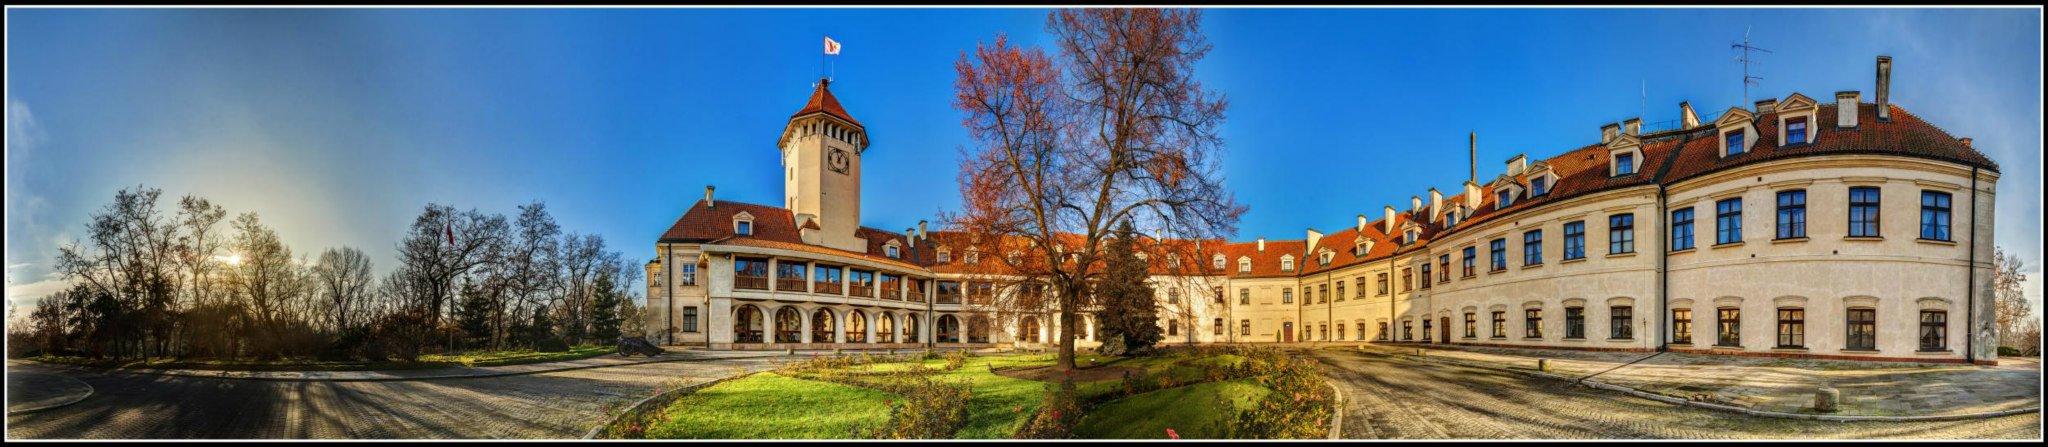 pultusk_castle